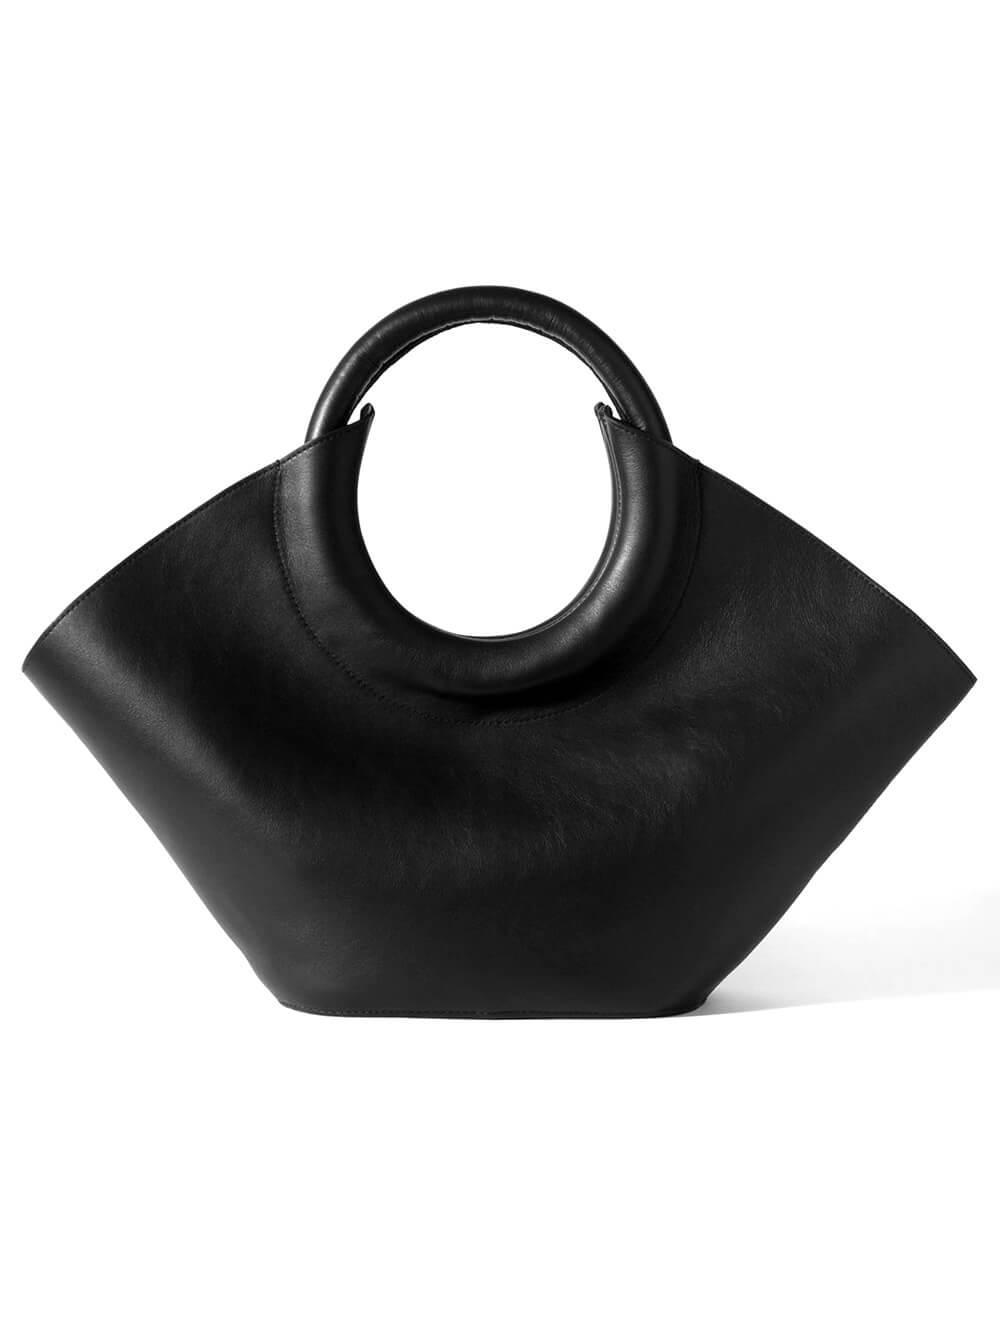 Cabassa Leather Tote